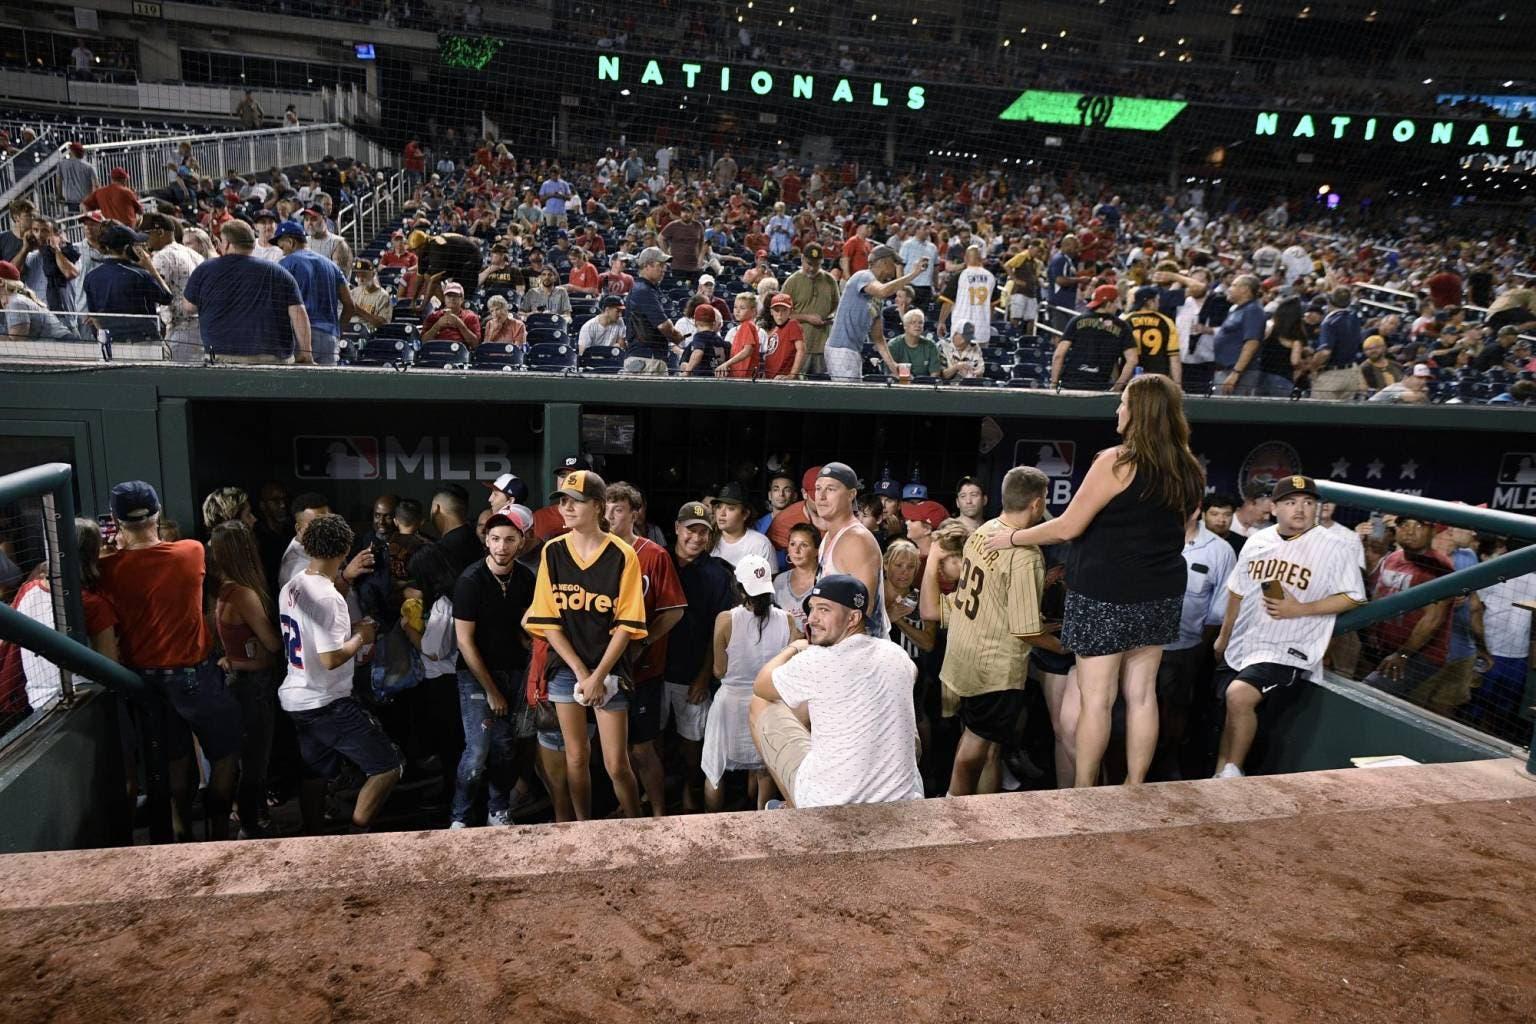 Se suspende juego Padres-Nacionales por tiros afuera de parque